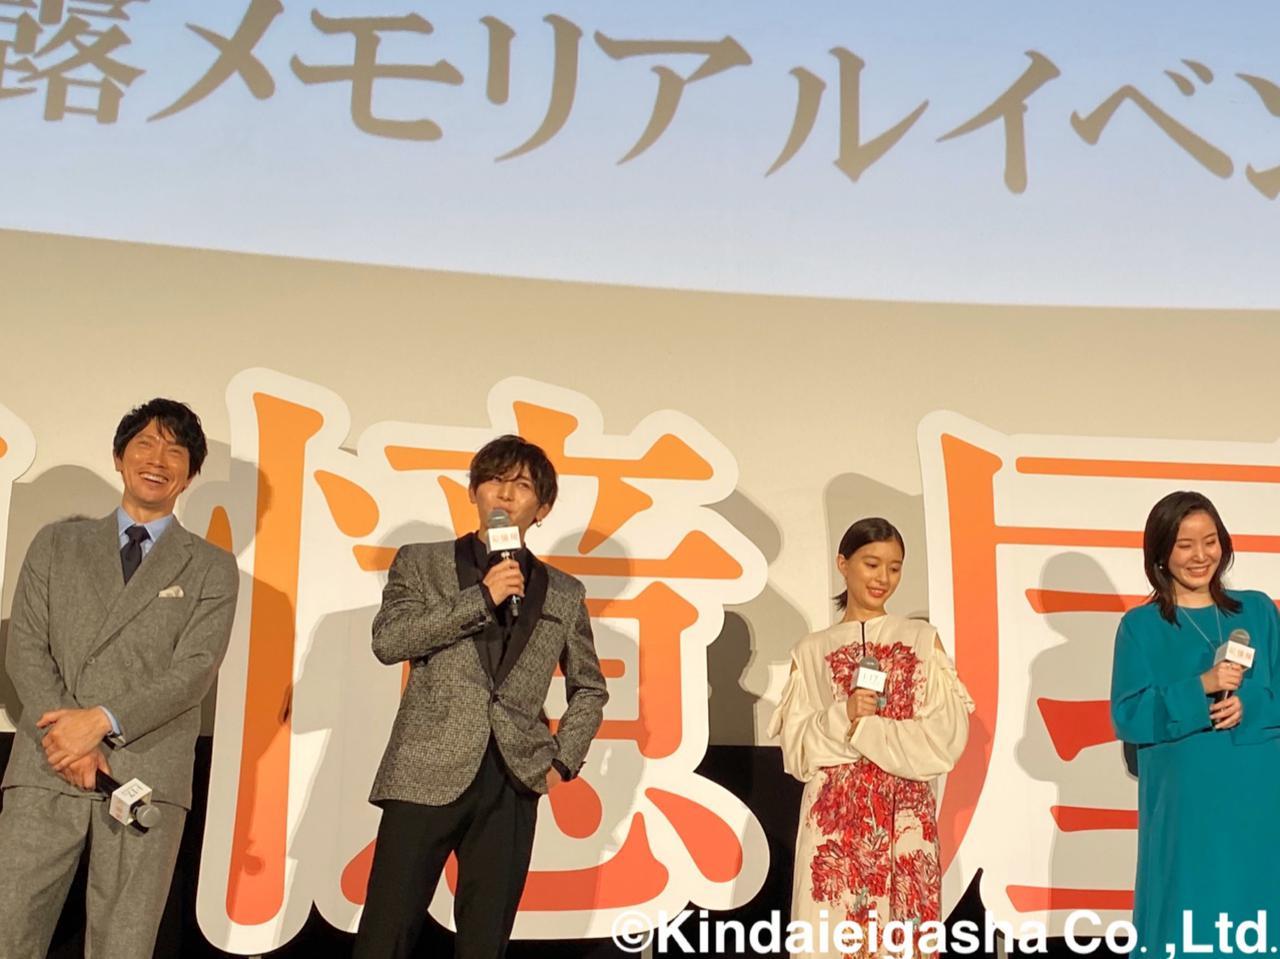 画像: はとぽっぽ、歌いましたっけ?!とおどける山田涼介